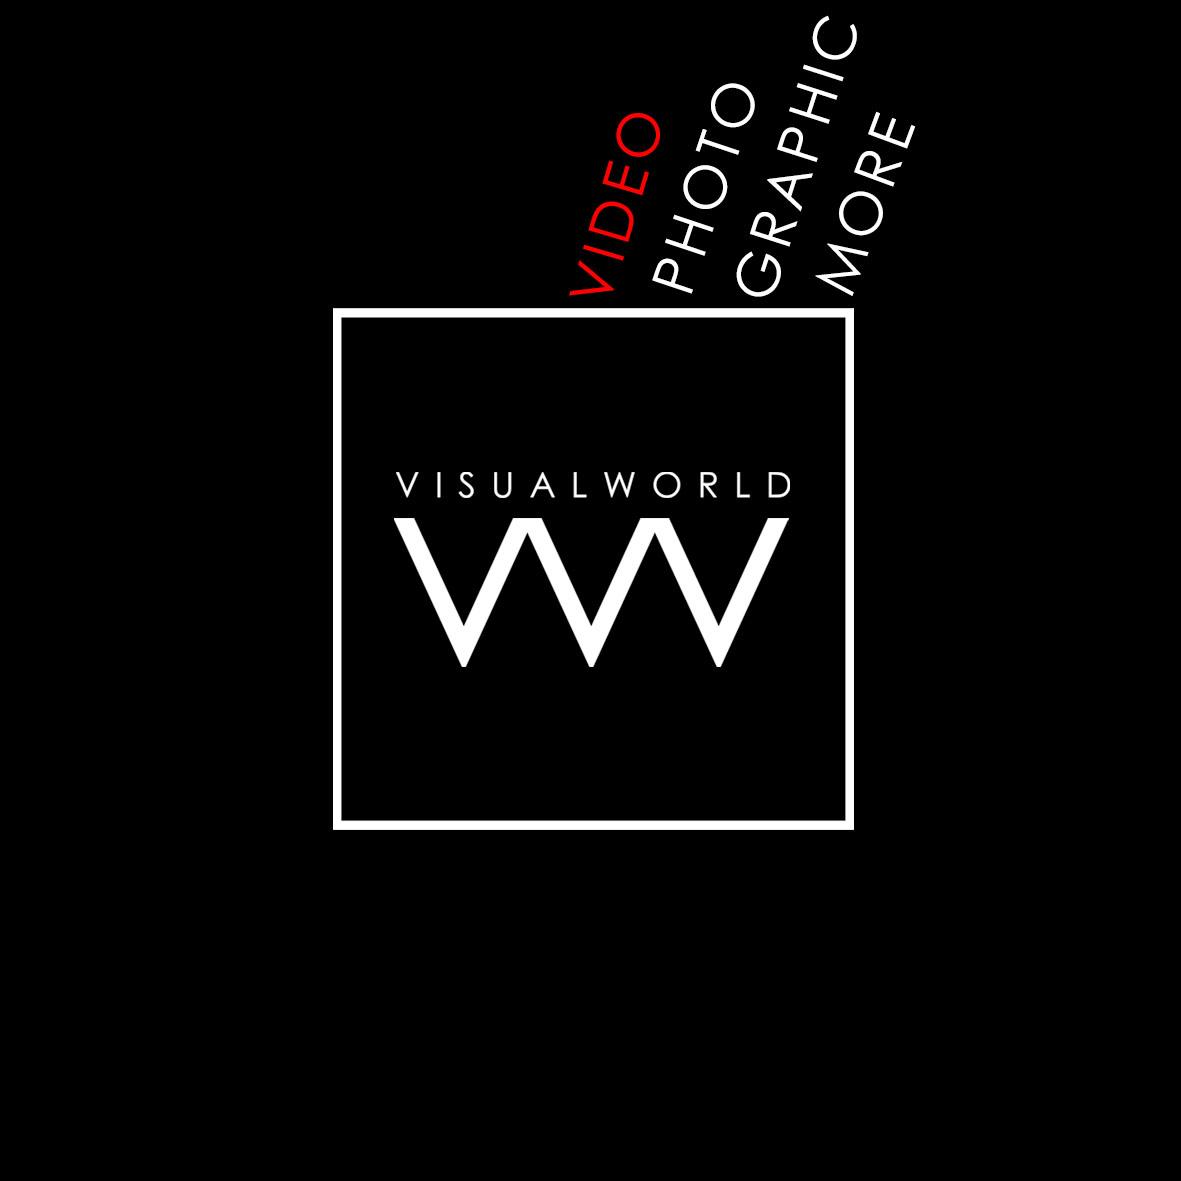 Visualworld news logo. Produzione video a Bergamo